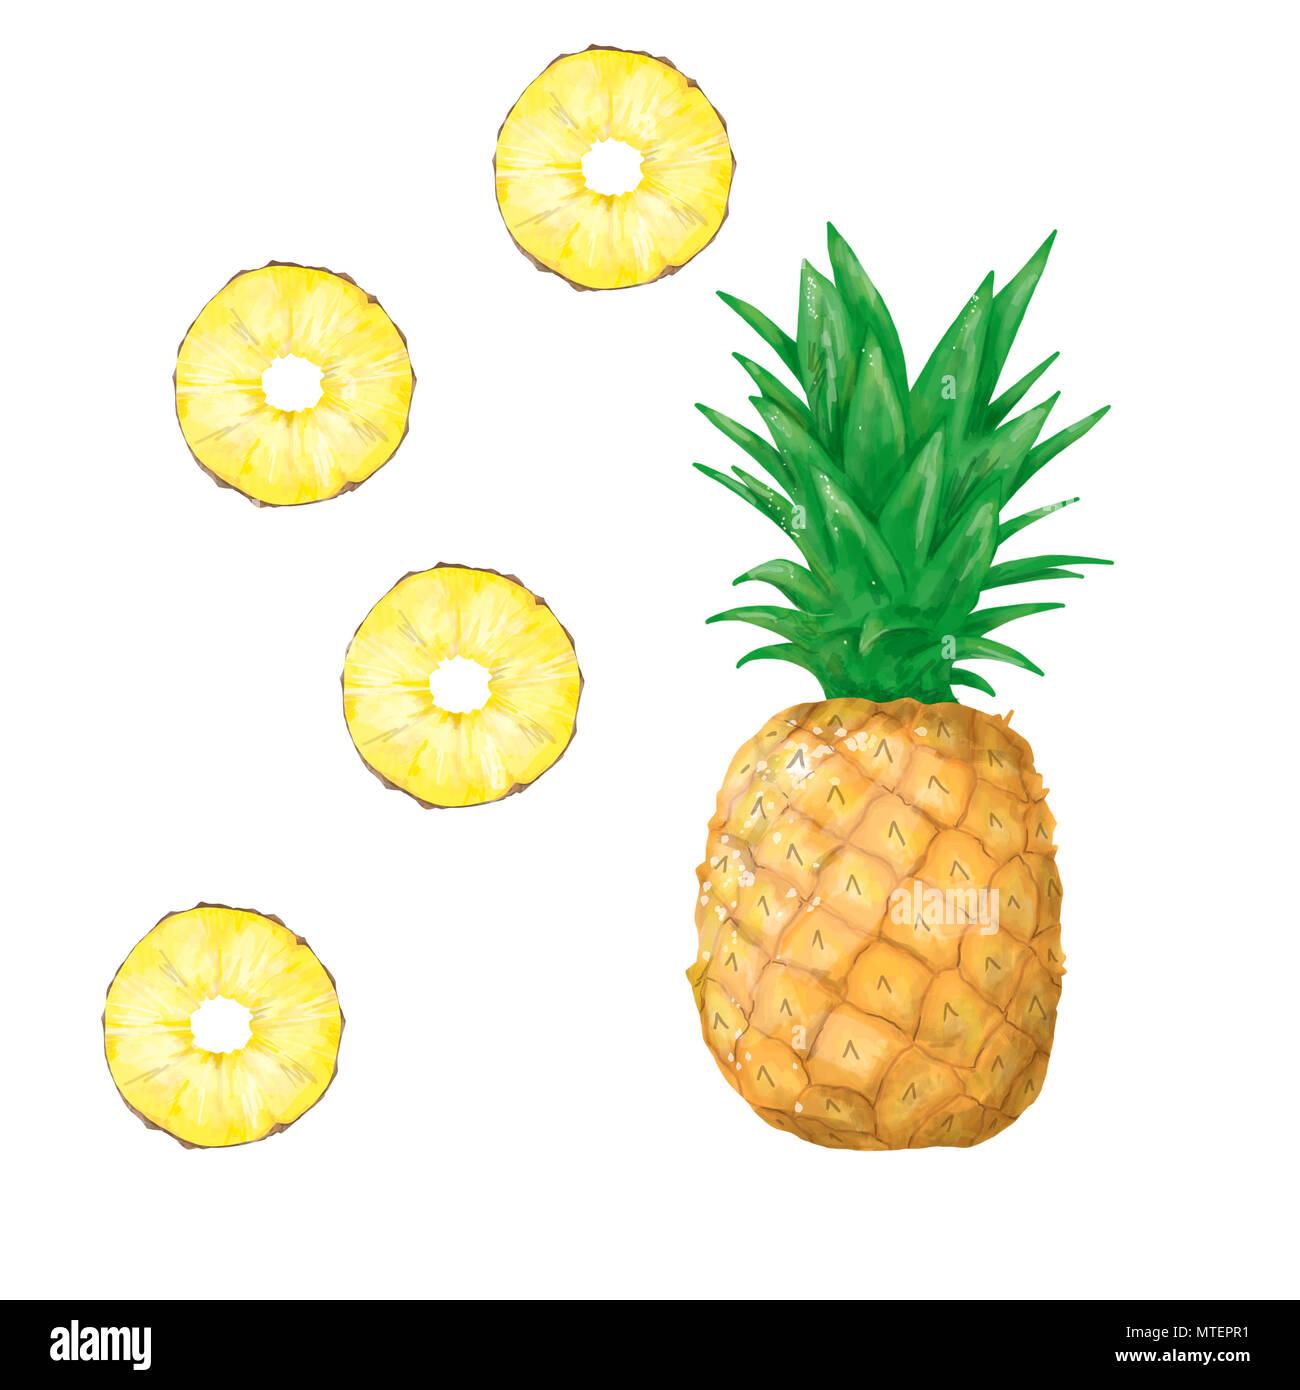 Ananas clipart frutta intera estate digital fresco tropicale frutto giallo su sfondo bianco Immagini Stock